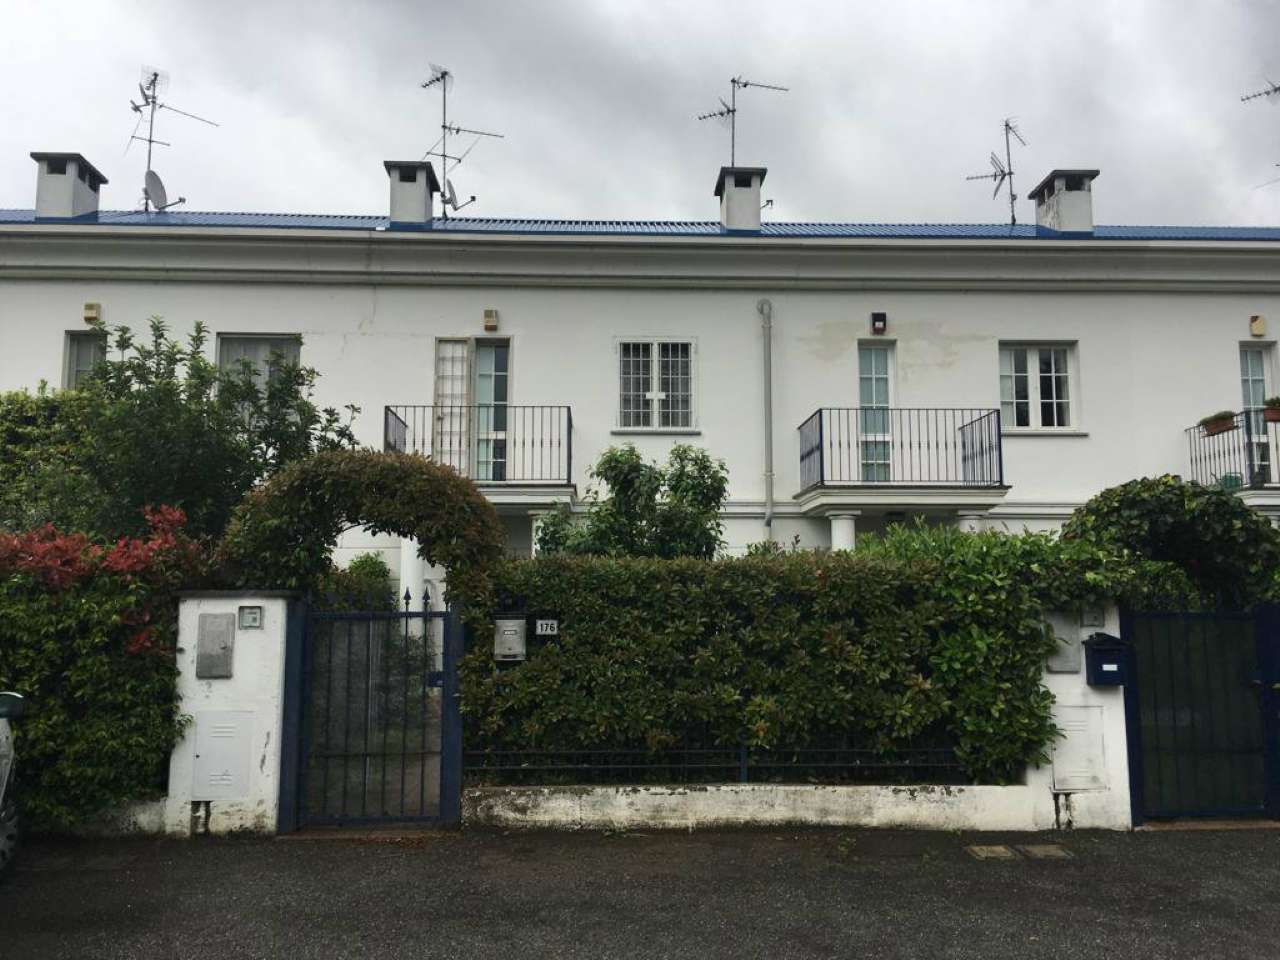 Soluzione Indipendente in vendita a Dorno, 5 locali, prezzo € 120.000 | PortaleAgenzieImmobiliari.it